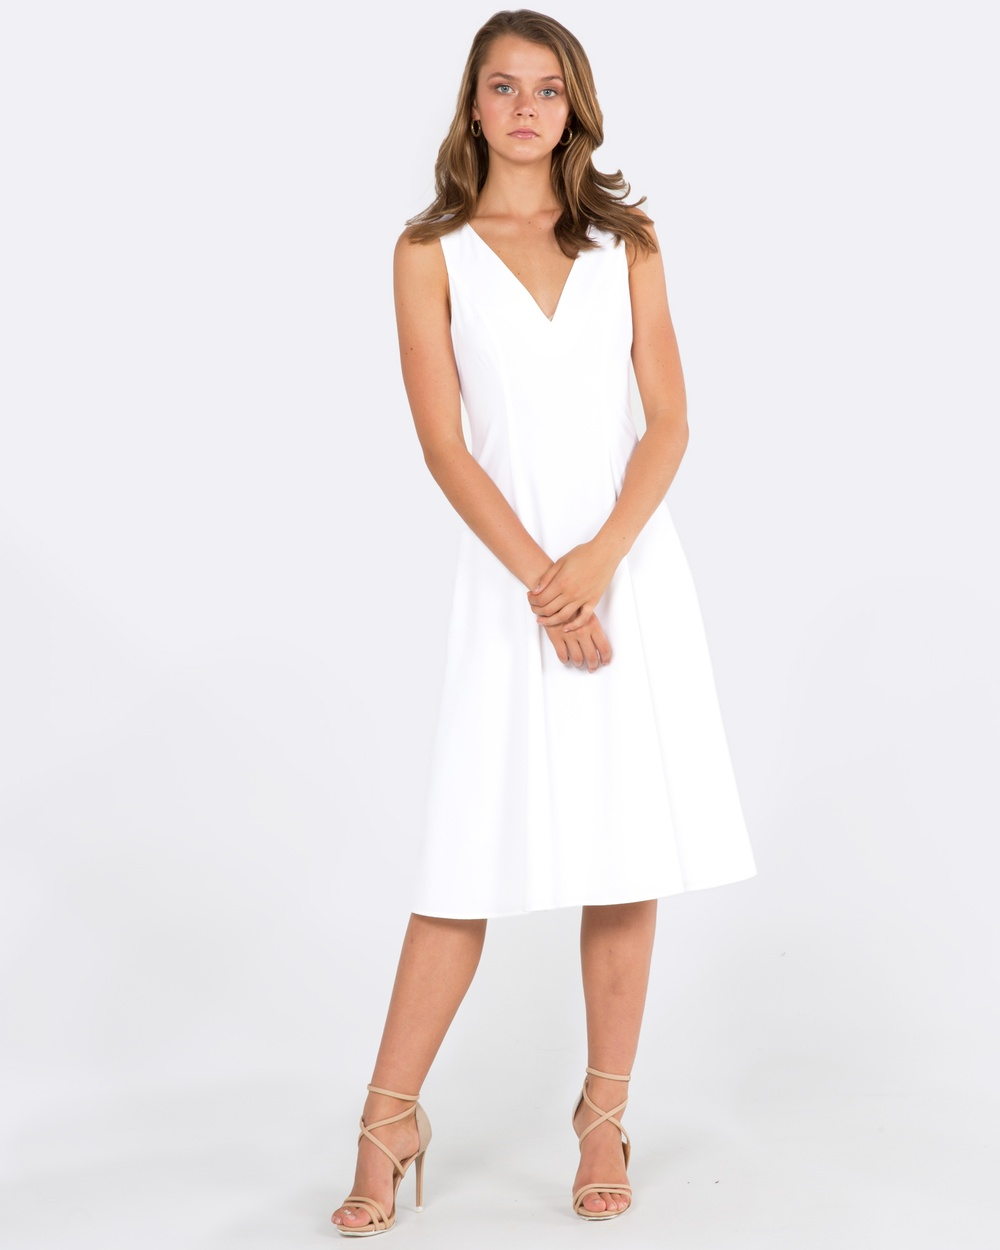 Amelius Magnet Dress Dresses White Magnet Dress